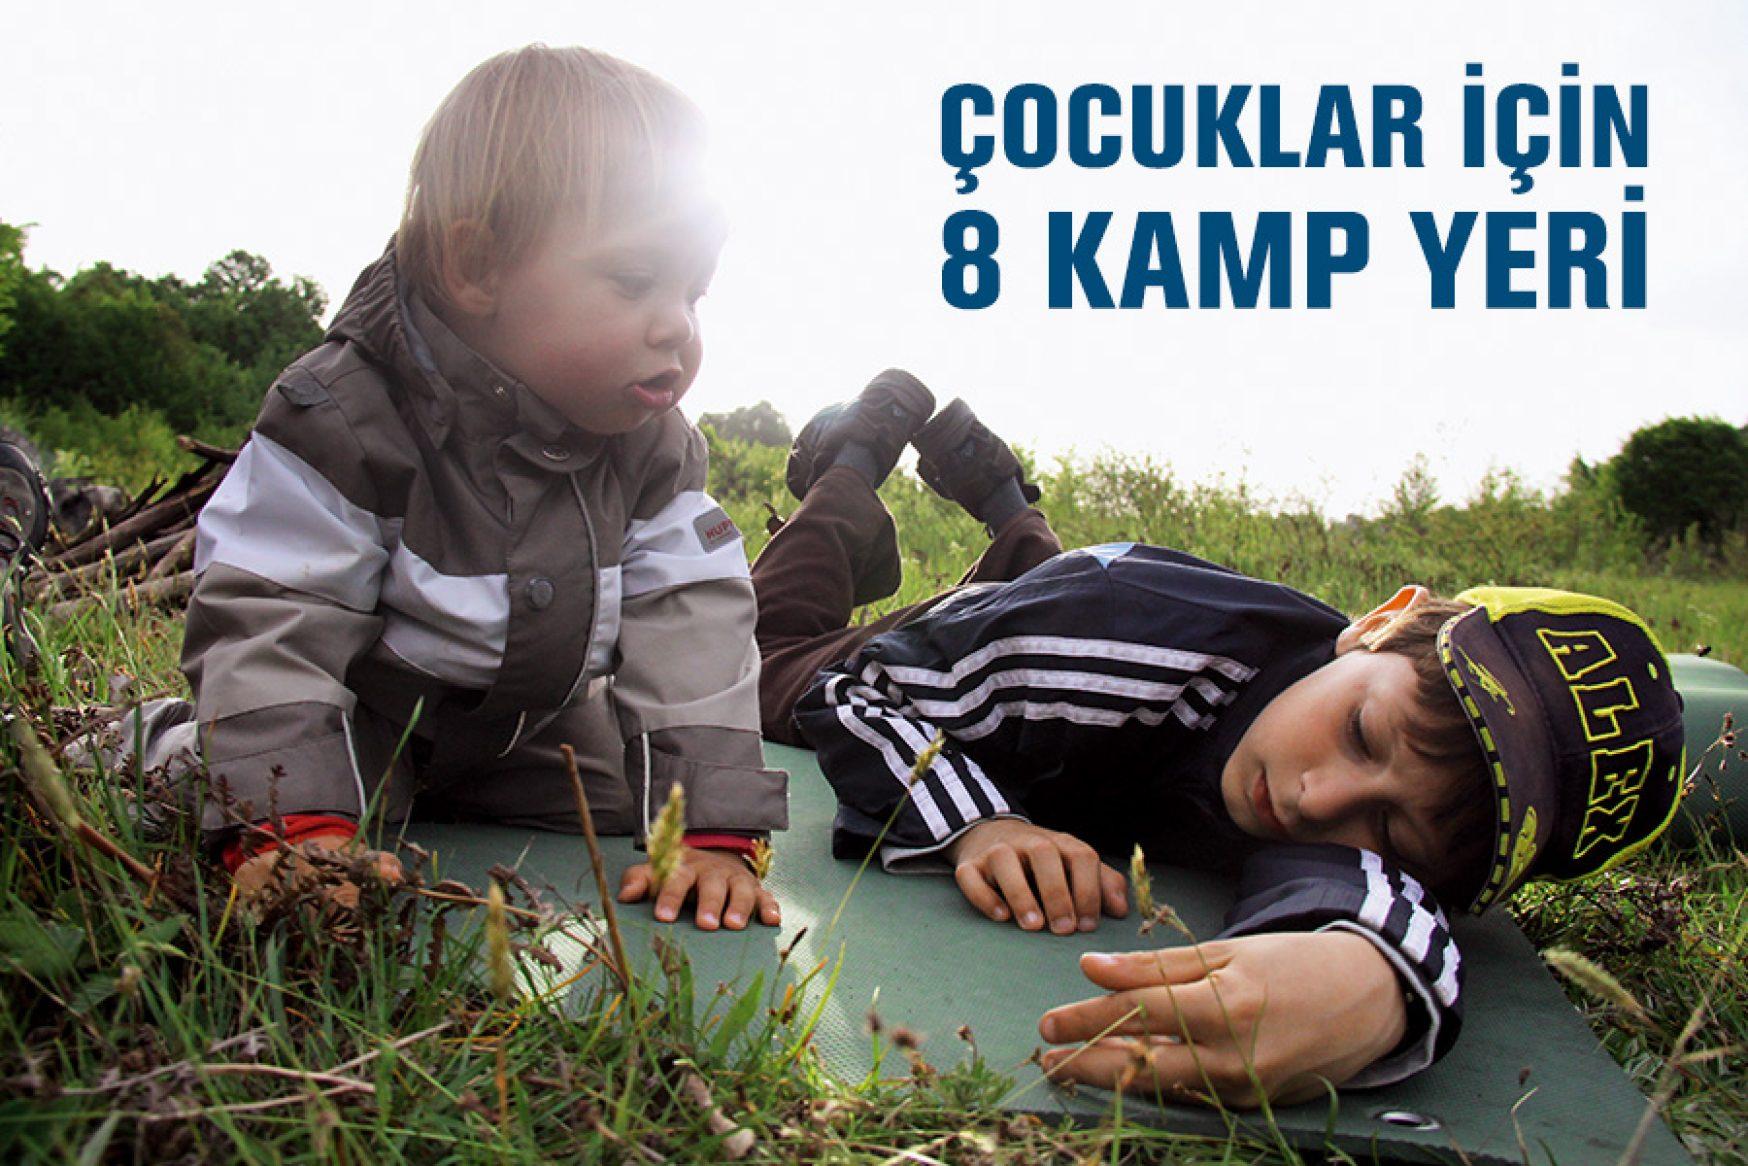 Çocuklar İçin 8 Kamp Yeri